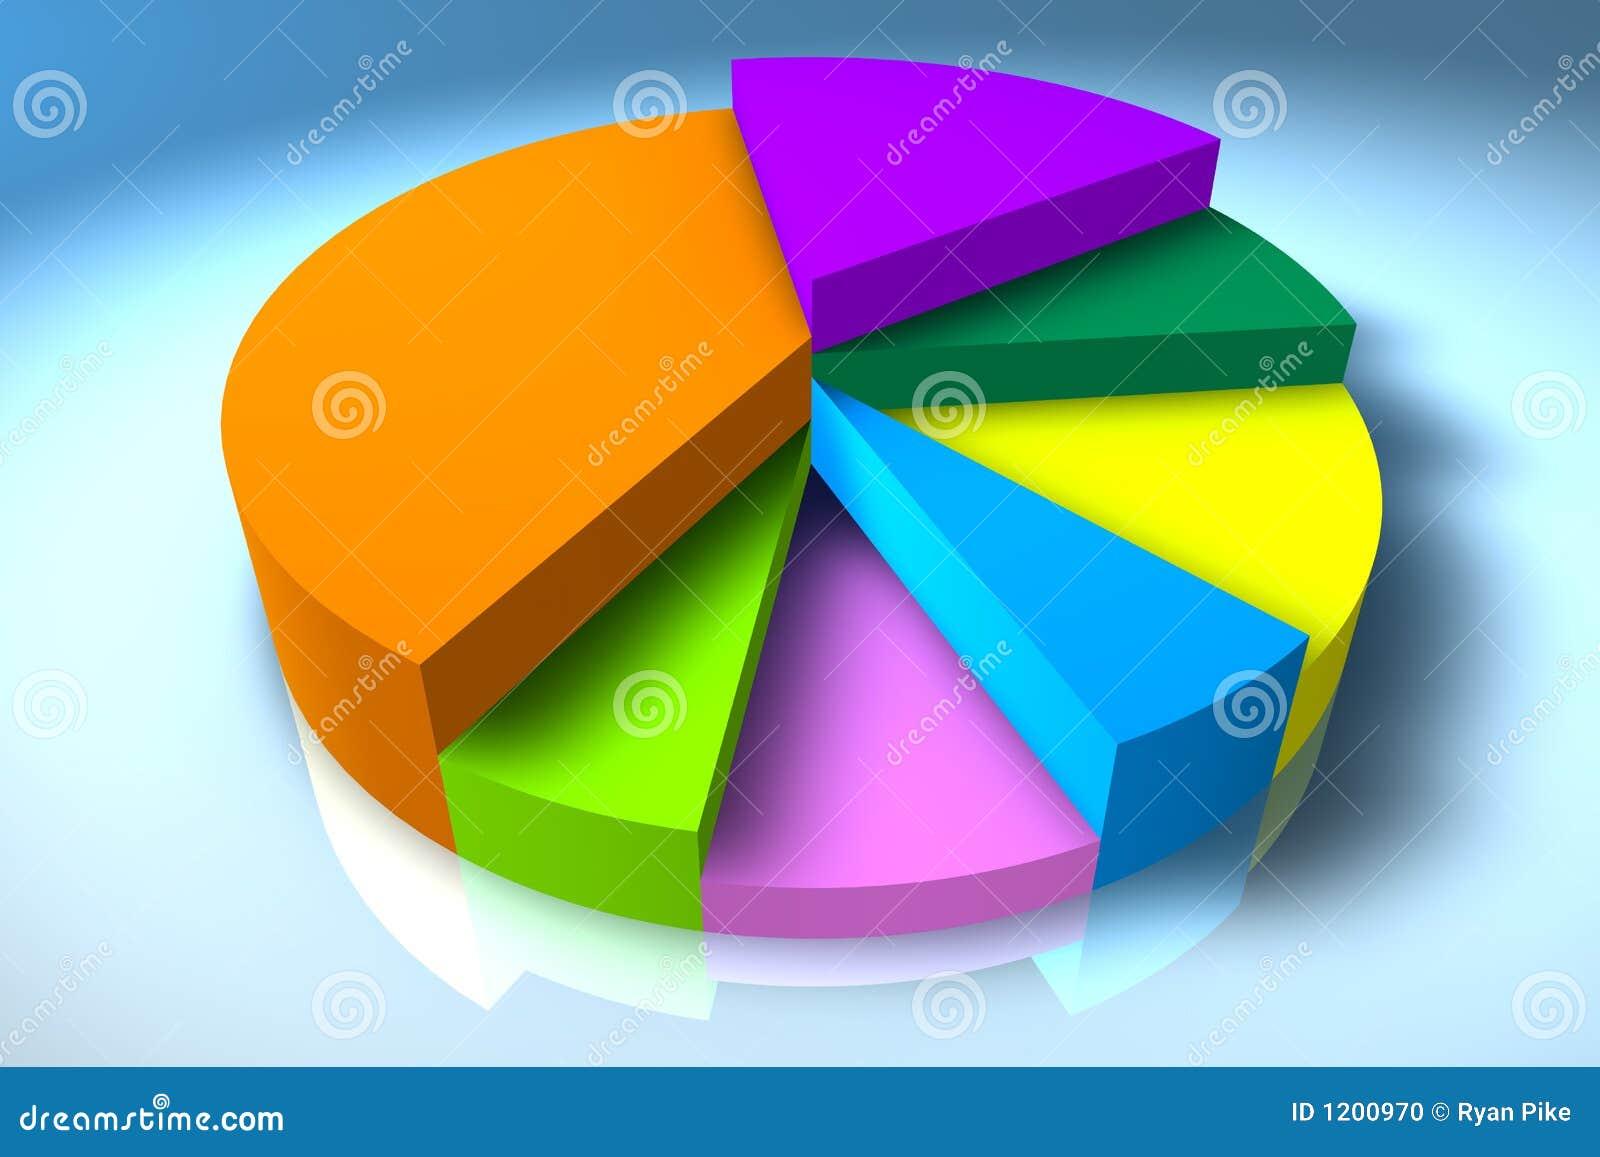 3d pie graph stock photo image 1200970